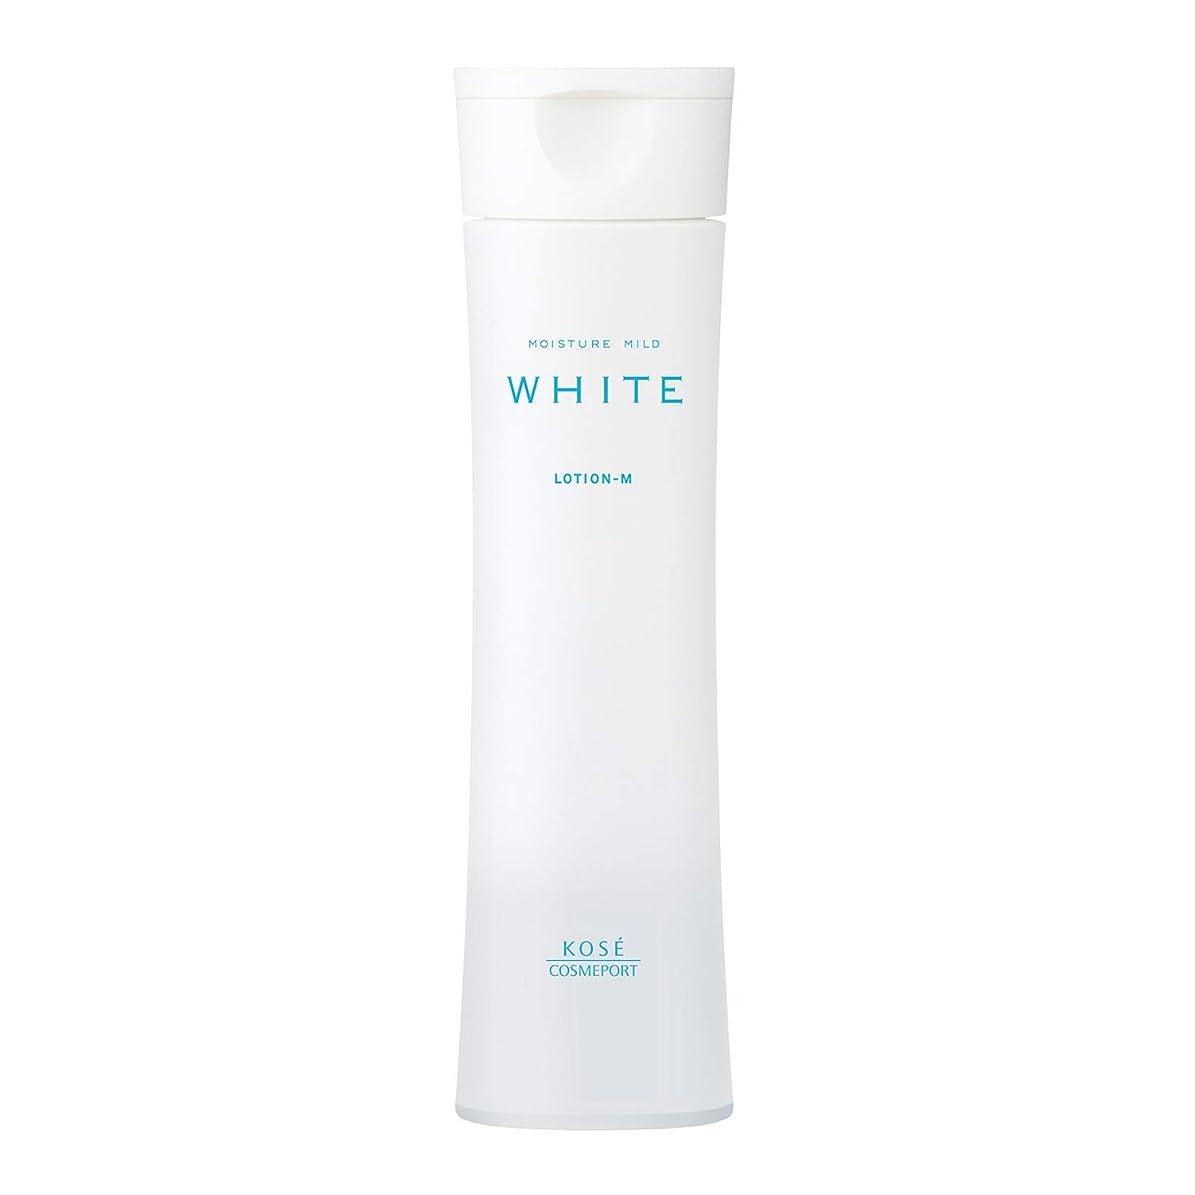 晴れグリット高価なモイスチュアマイルド ホワイト ローションM (しっとり 化粧水) 180mL